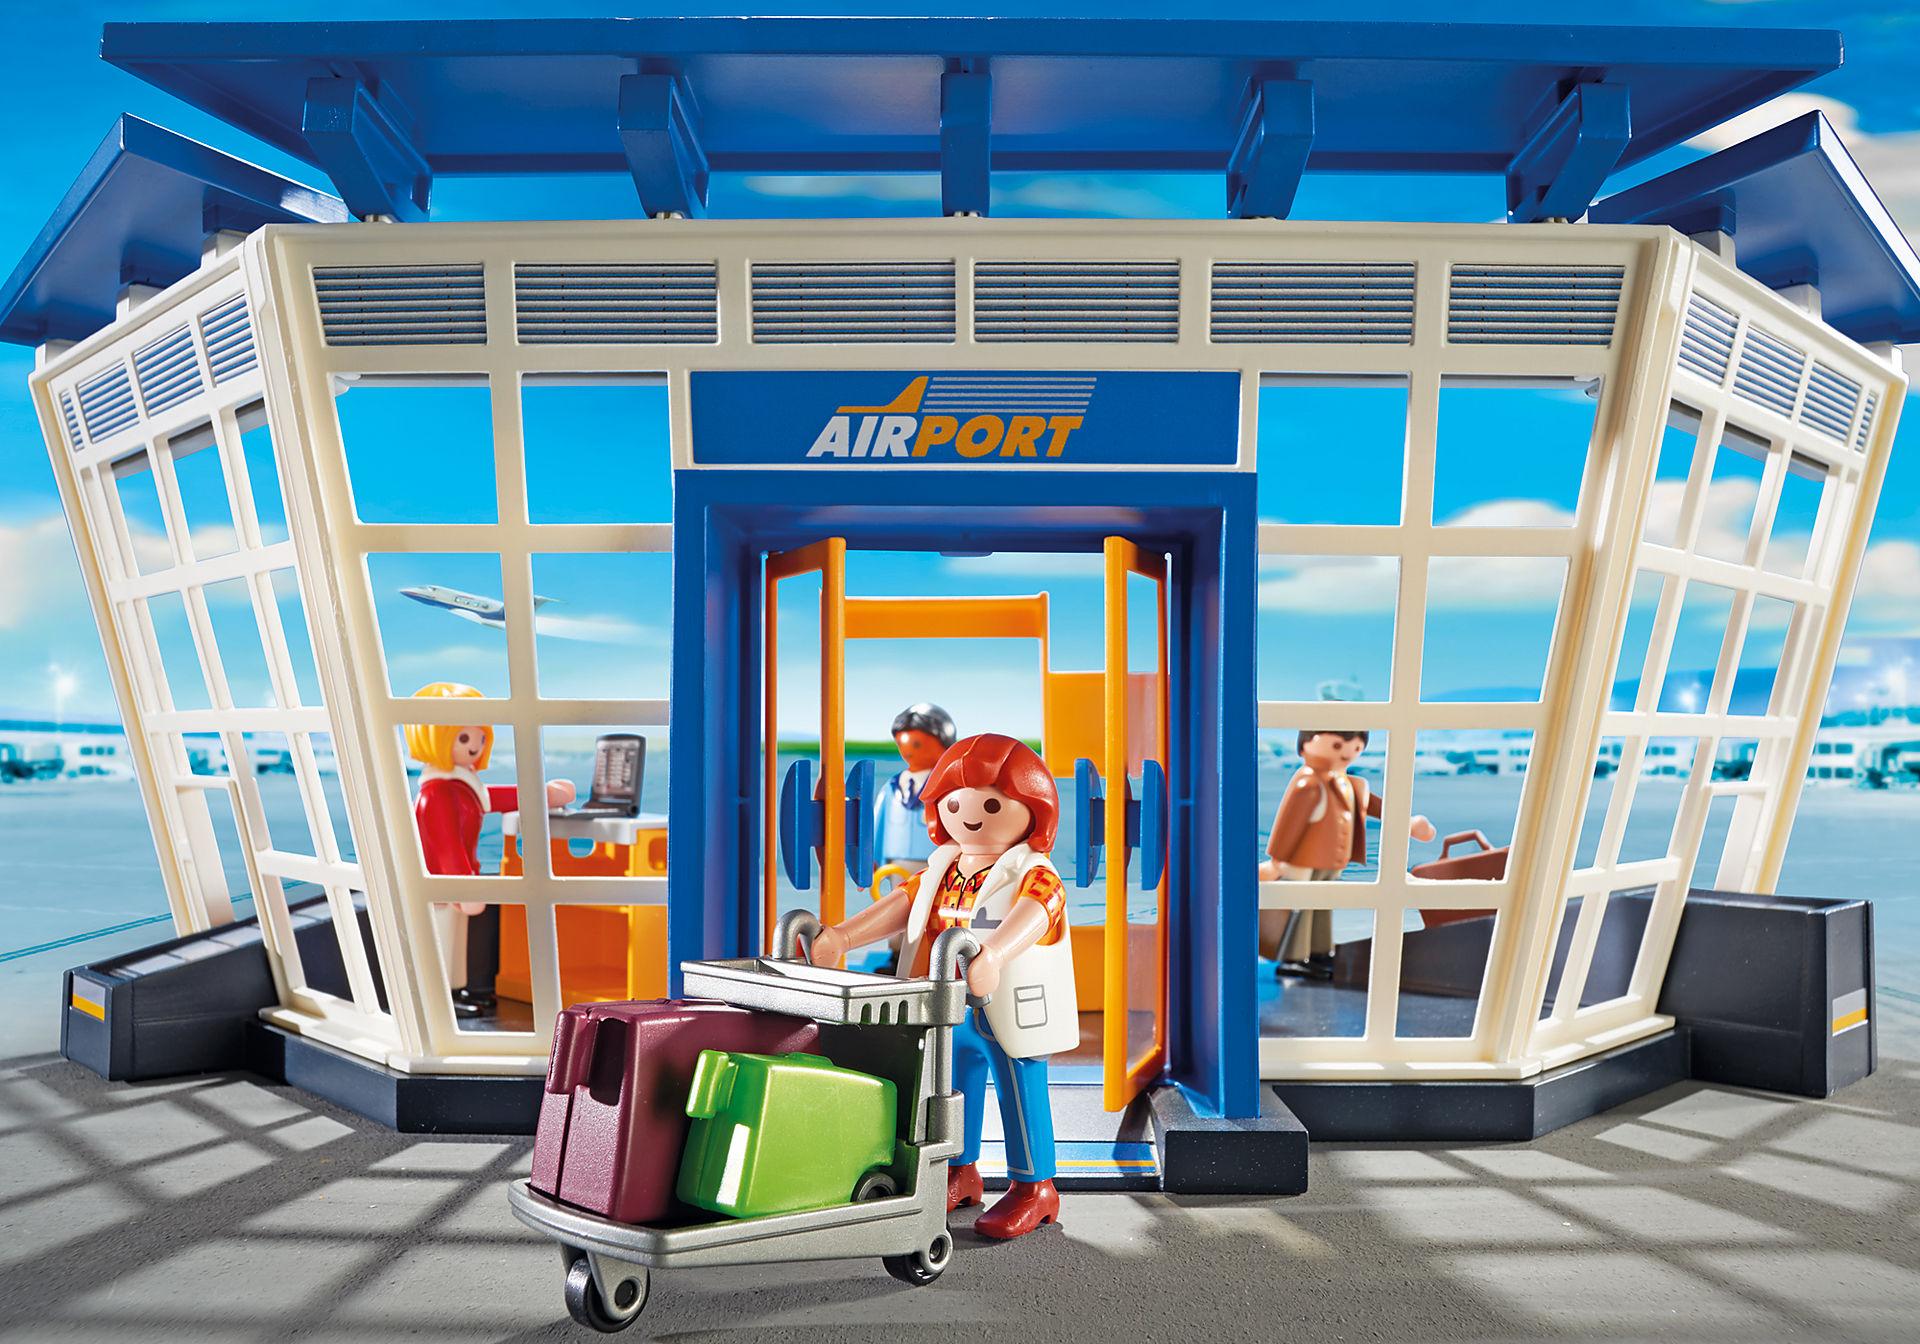 http://media.playmobil.com/i/playmobil/5338_product_extra3/Aéroport avec tour de contrôle